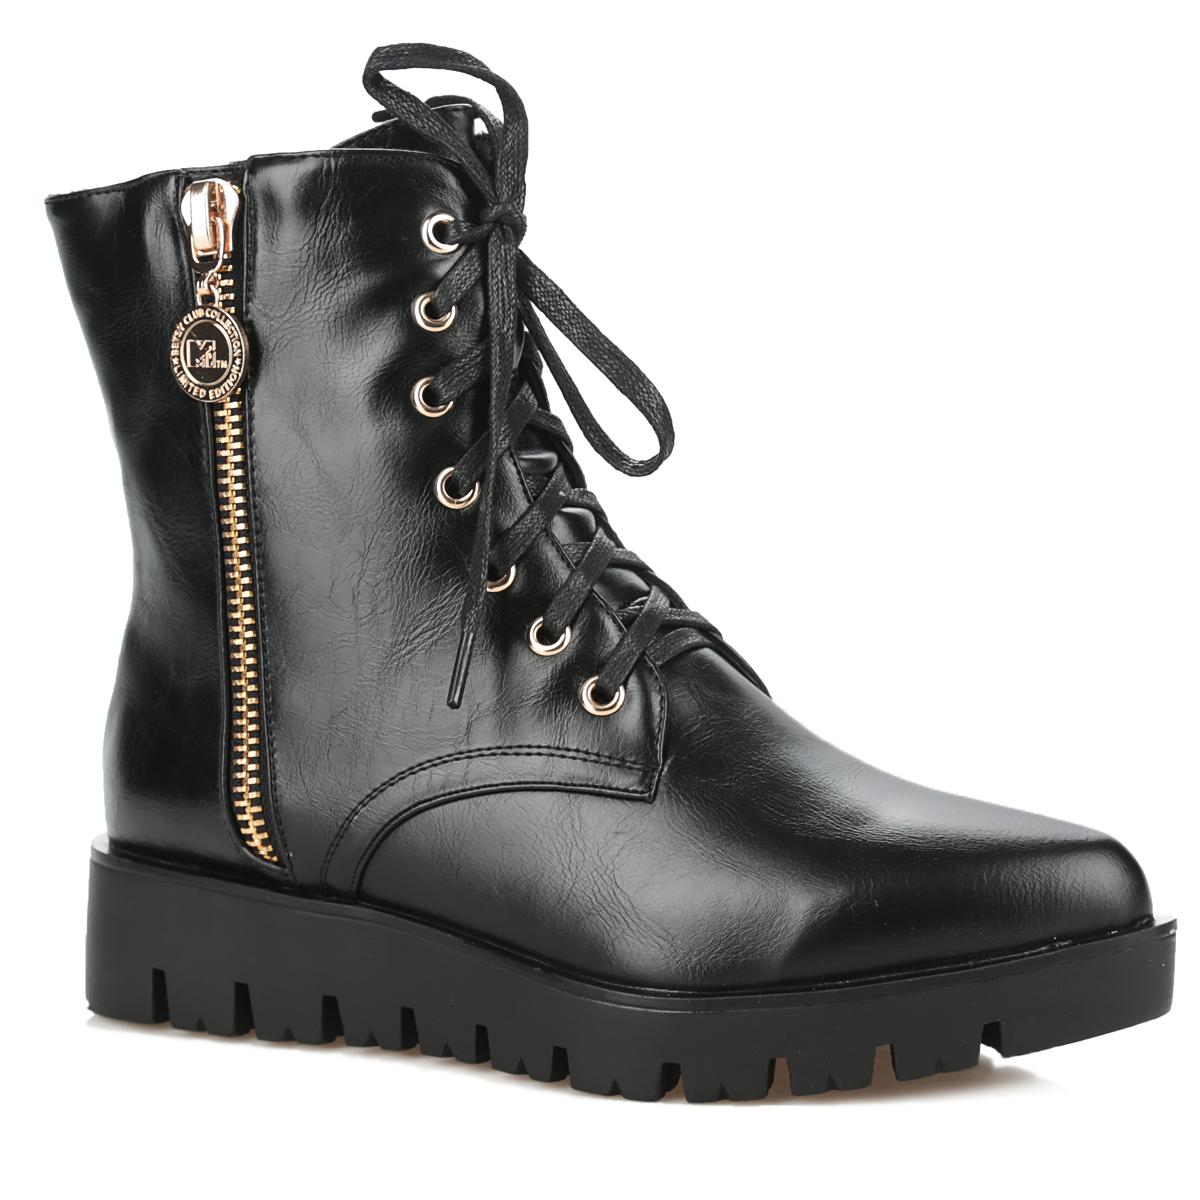 Ботинки женские. 958742/03-01N958742/03-01NОригинальные женские ботинки от Betsy заинтересуют вас своим дизайном с первого взгляда! Модель выполнена из искусственной кожи. Подкладка и стелька, изготовленные из мягкой байки, защитят ноги от холода и обеспечат комфорт. Верх изделия оформлен шнуровкой, которая прочно зафиксирует модель на вашей ноге. Металлическая молния украшает одну из боковых сторон. Умеренной высоты подошва с рифленым рисунком обеспечивают отличное сцепление с поверхностью. Ботинки застегиваются на молнию. В этих ботинках вашим ногам будет комфортно и уютно. Они подчеркнут ваш стиль и индивидуальность.